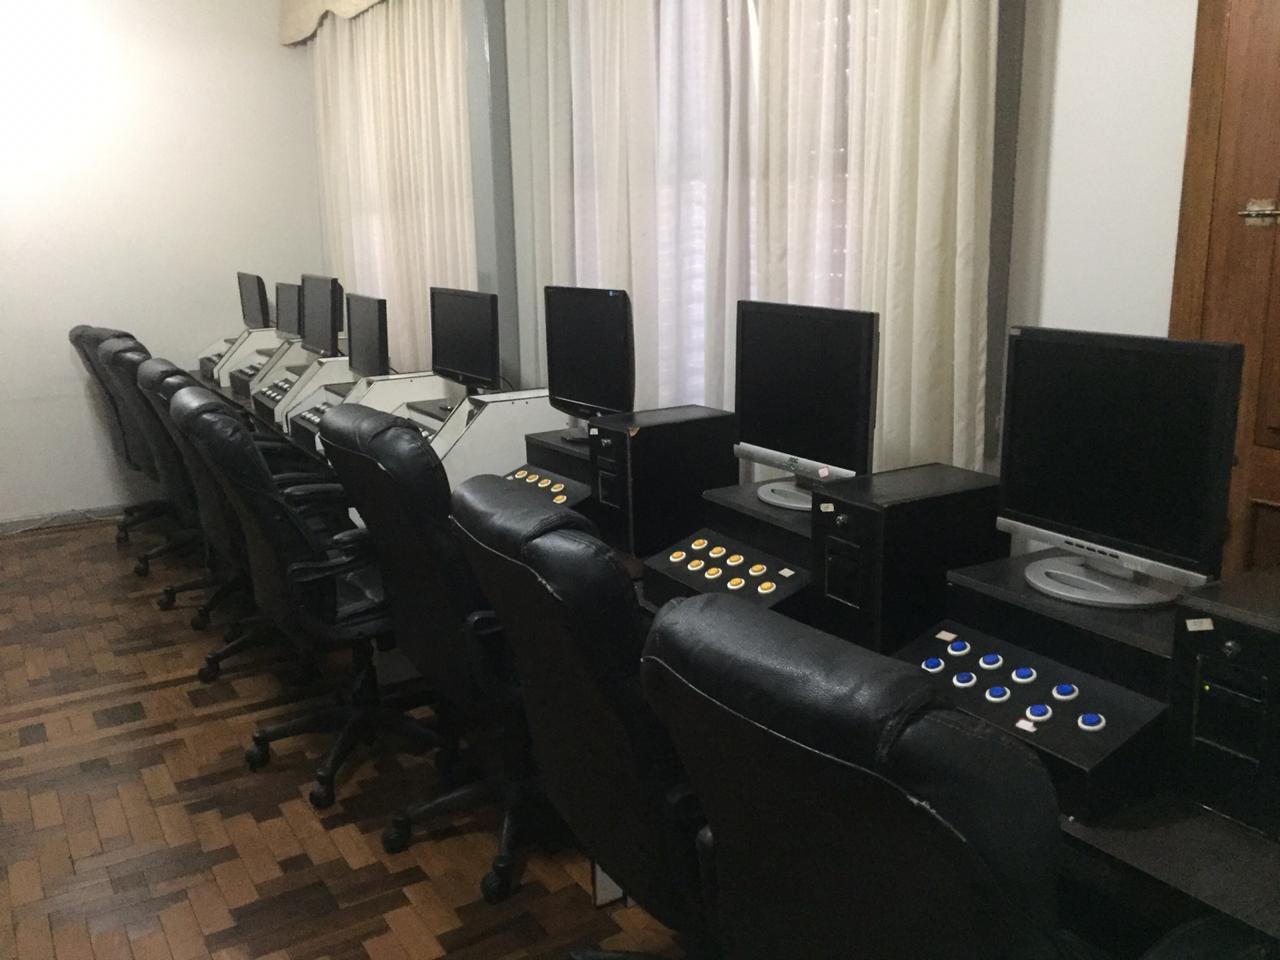 Polícia Civil cumpre mandados de combate a crimes de jogos de azar em Bento